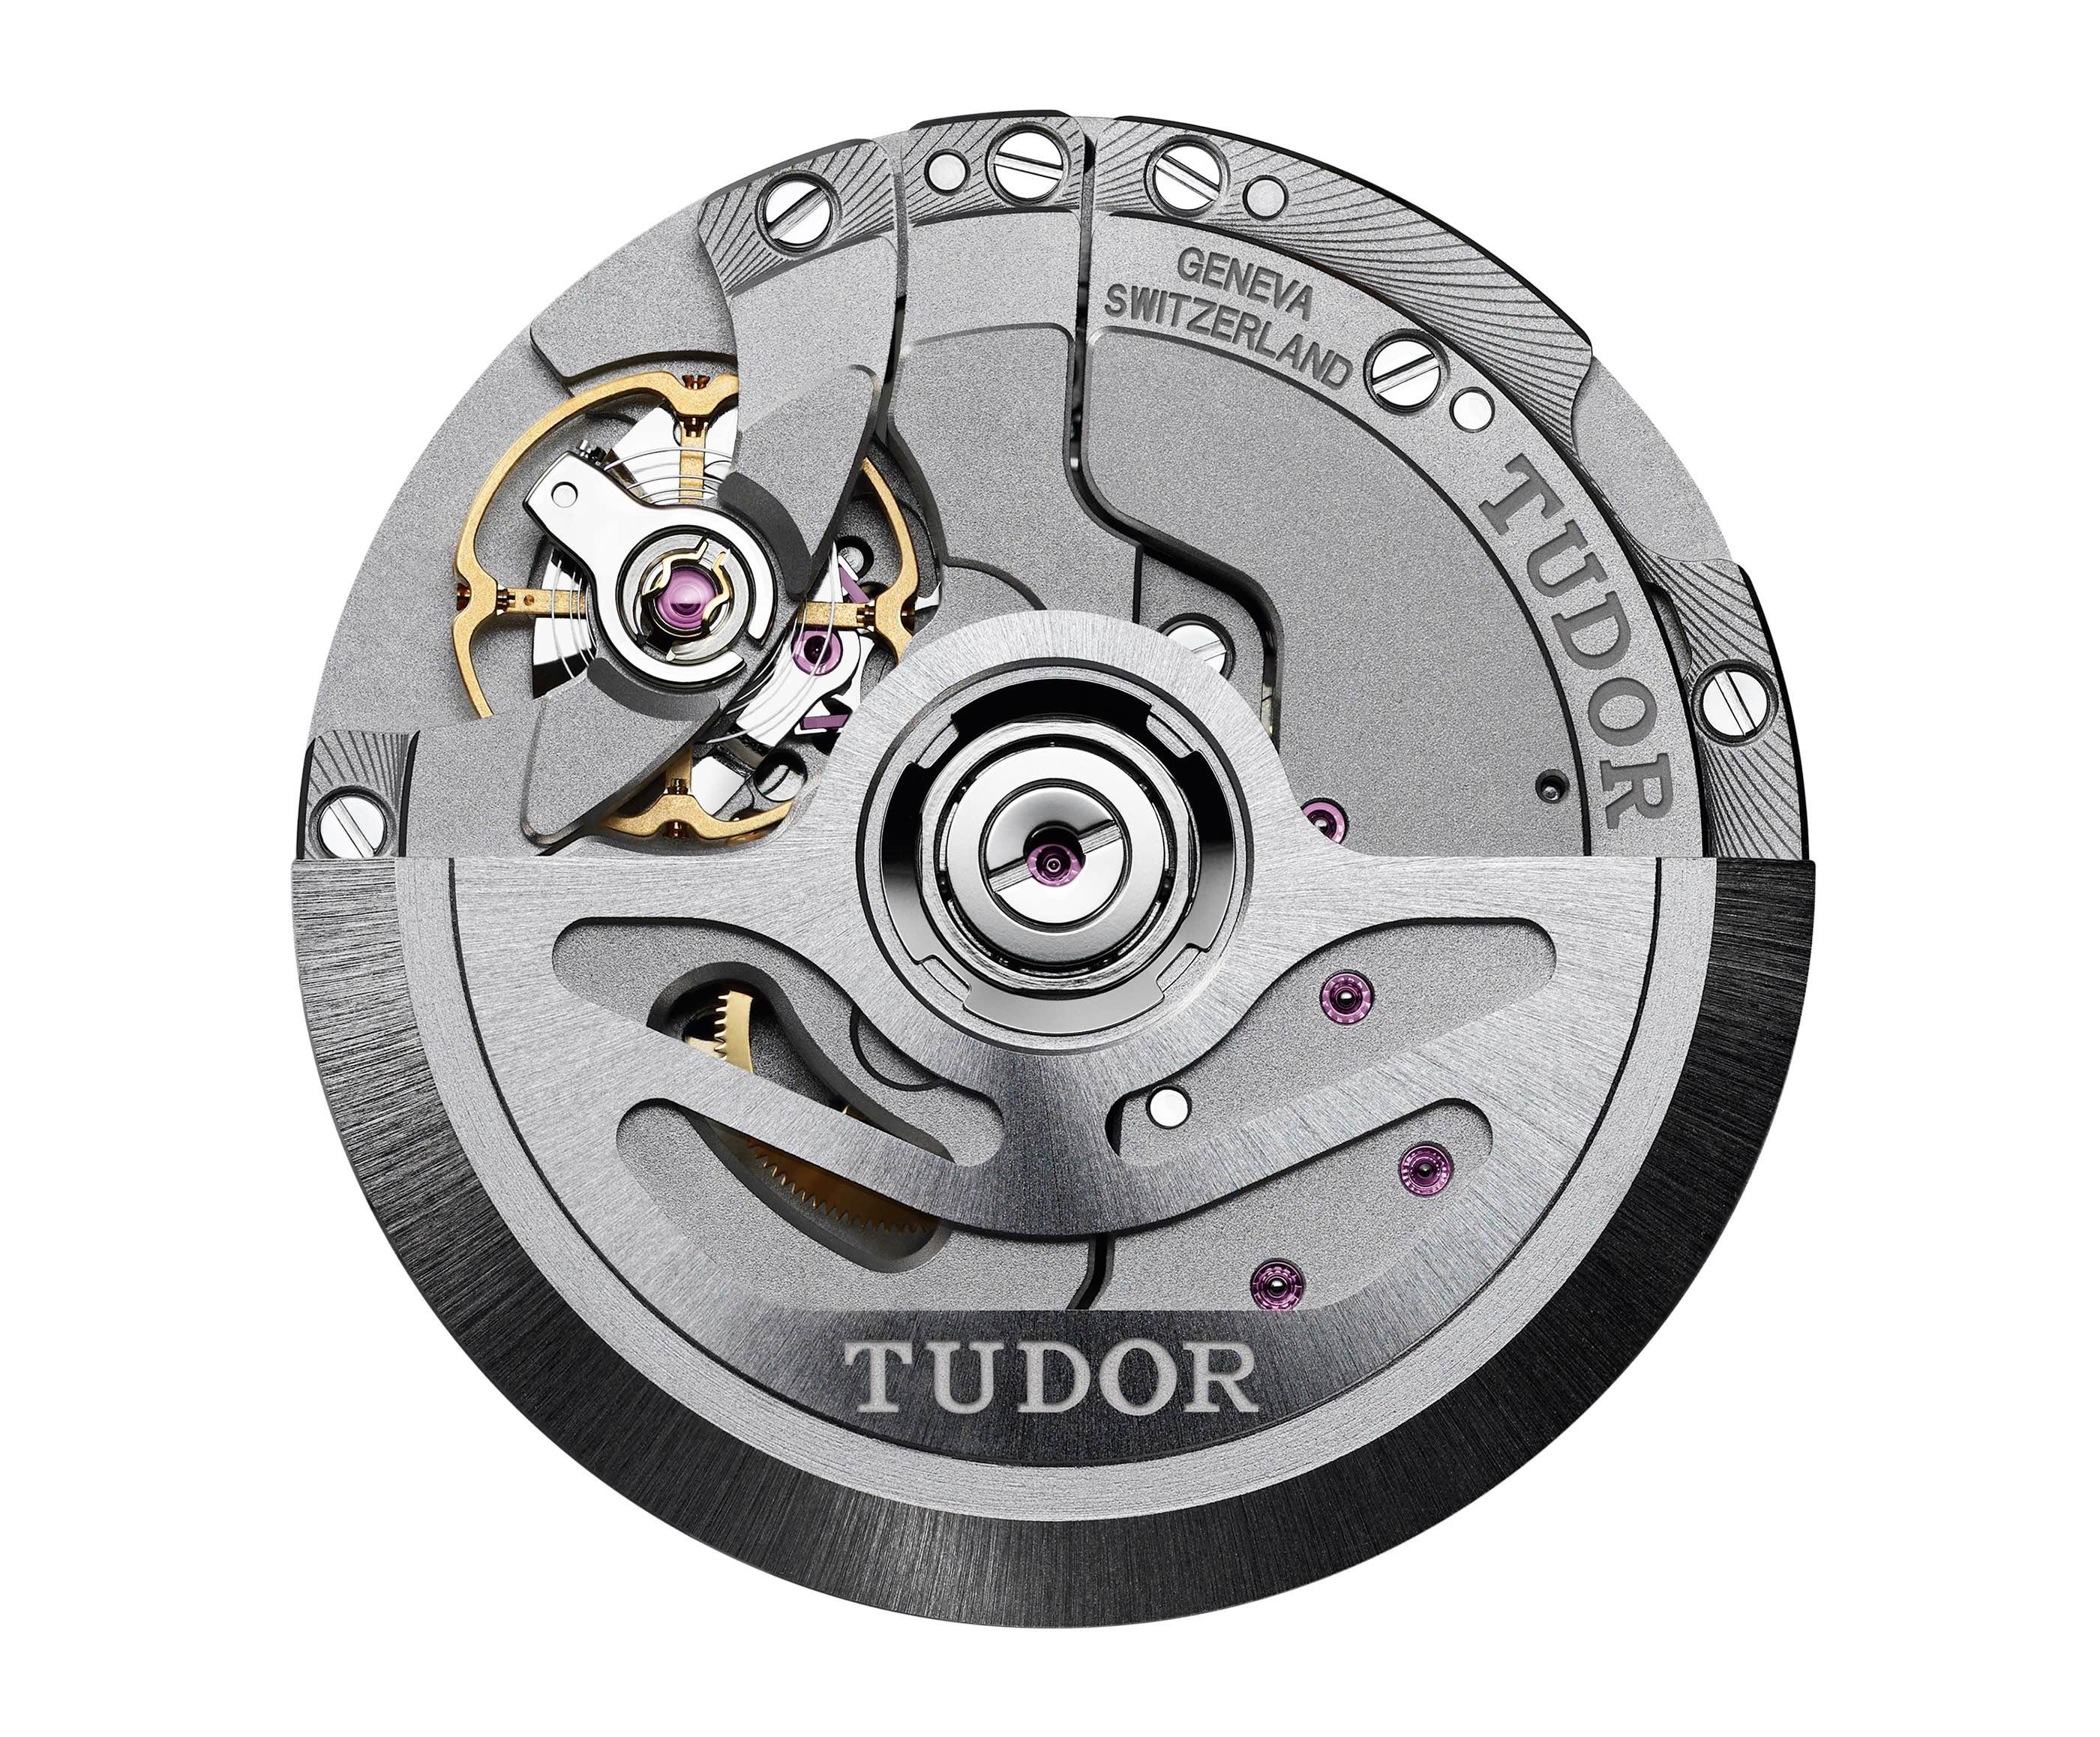 Tudor caliber MT5652